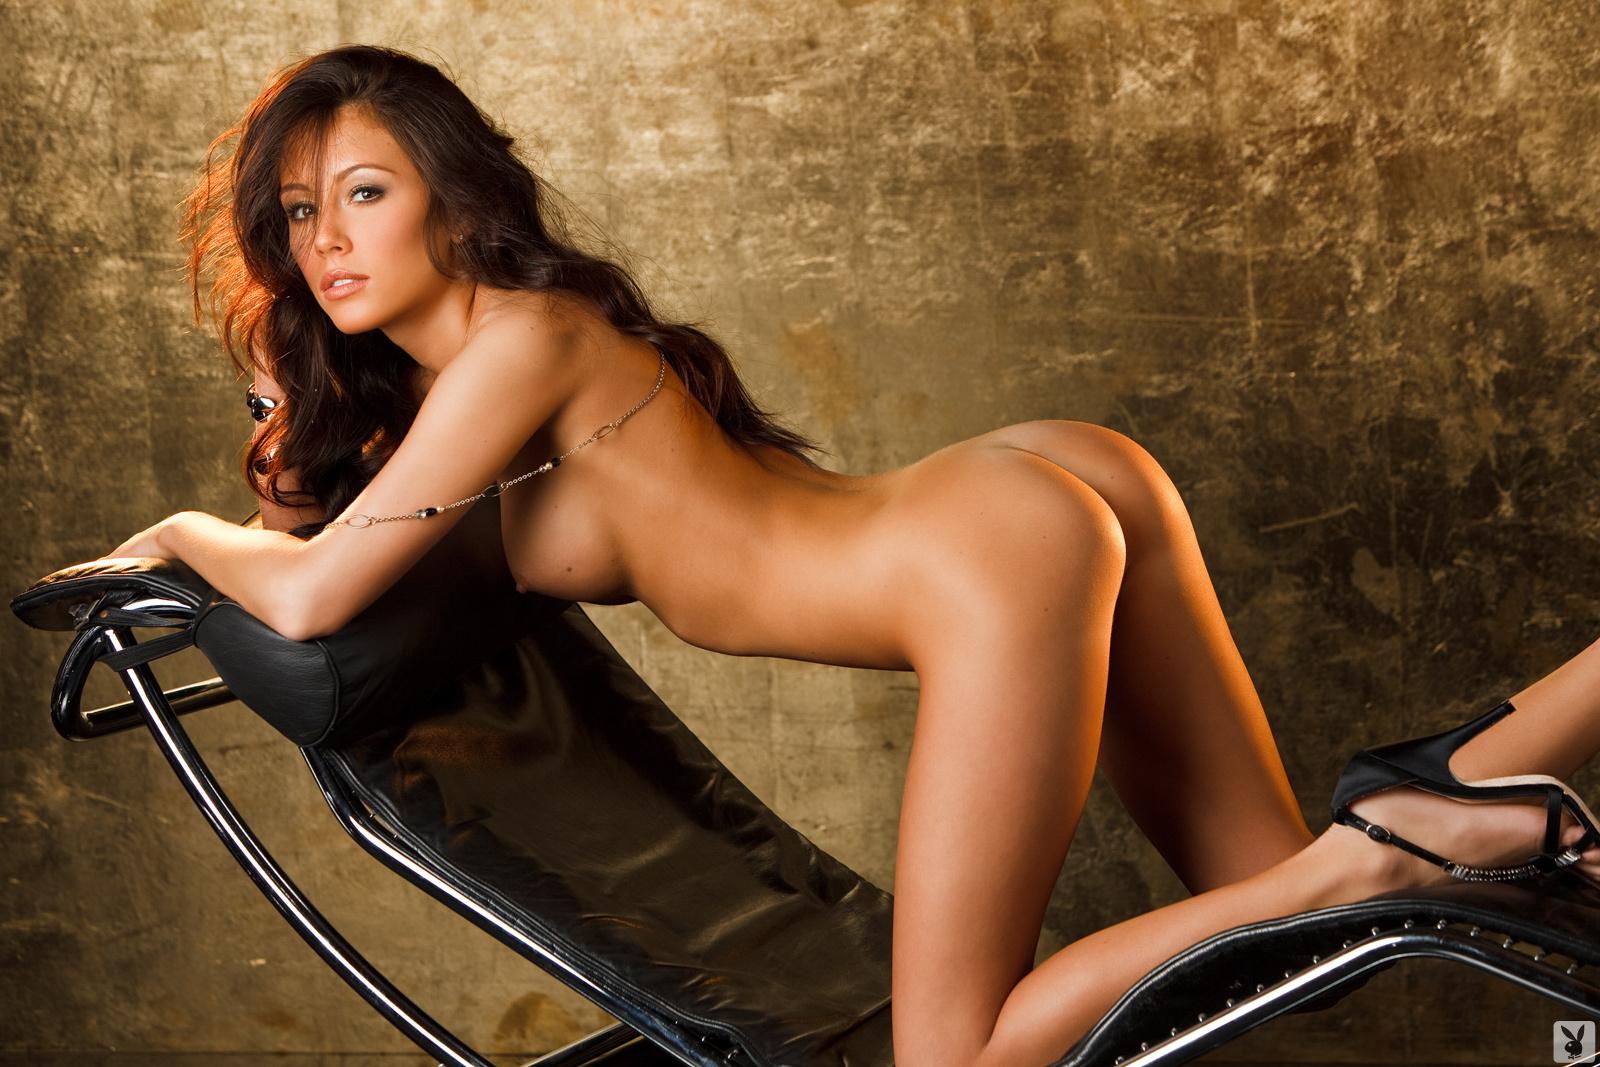 Kayla love fuck nude — img 11